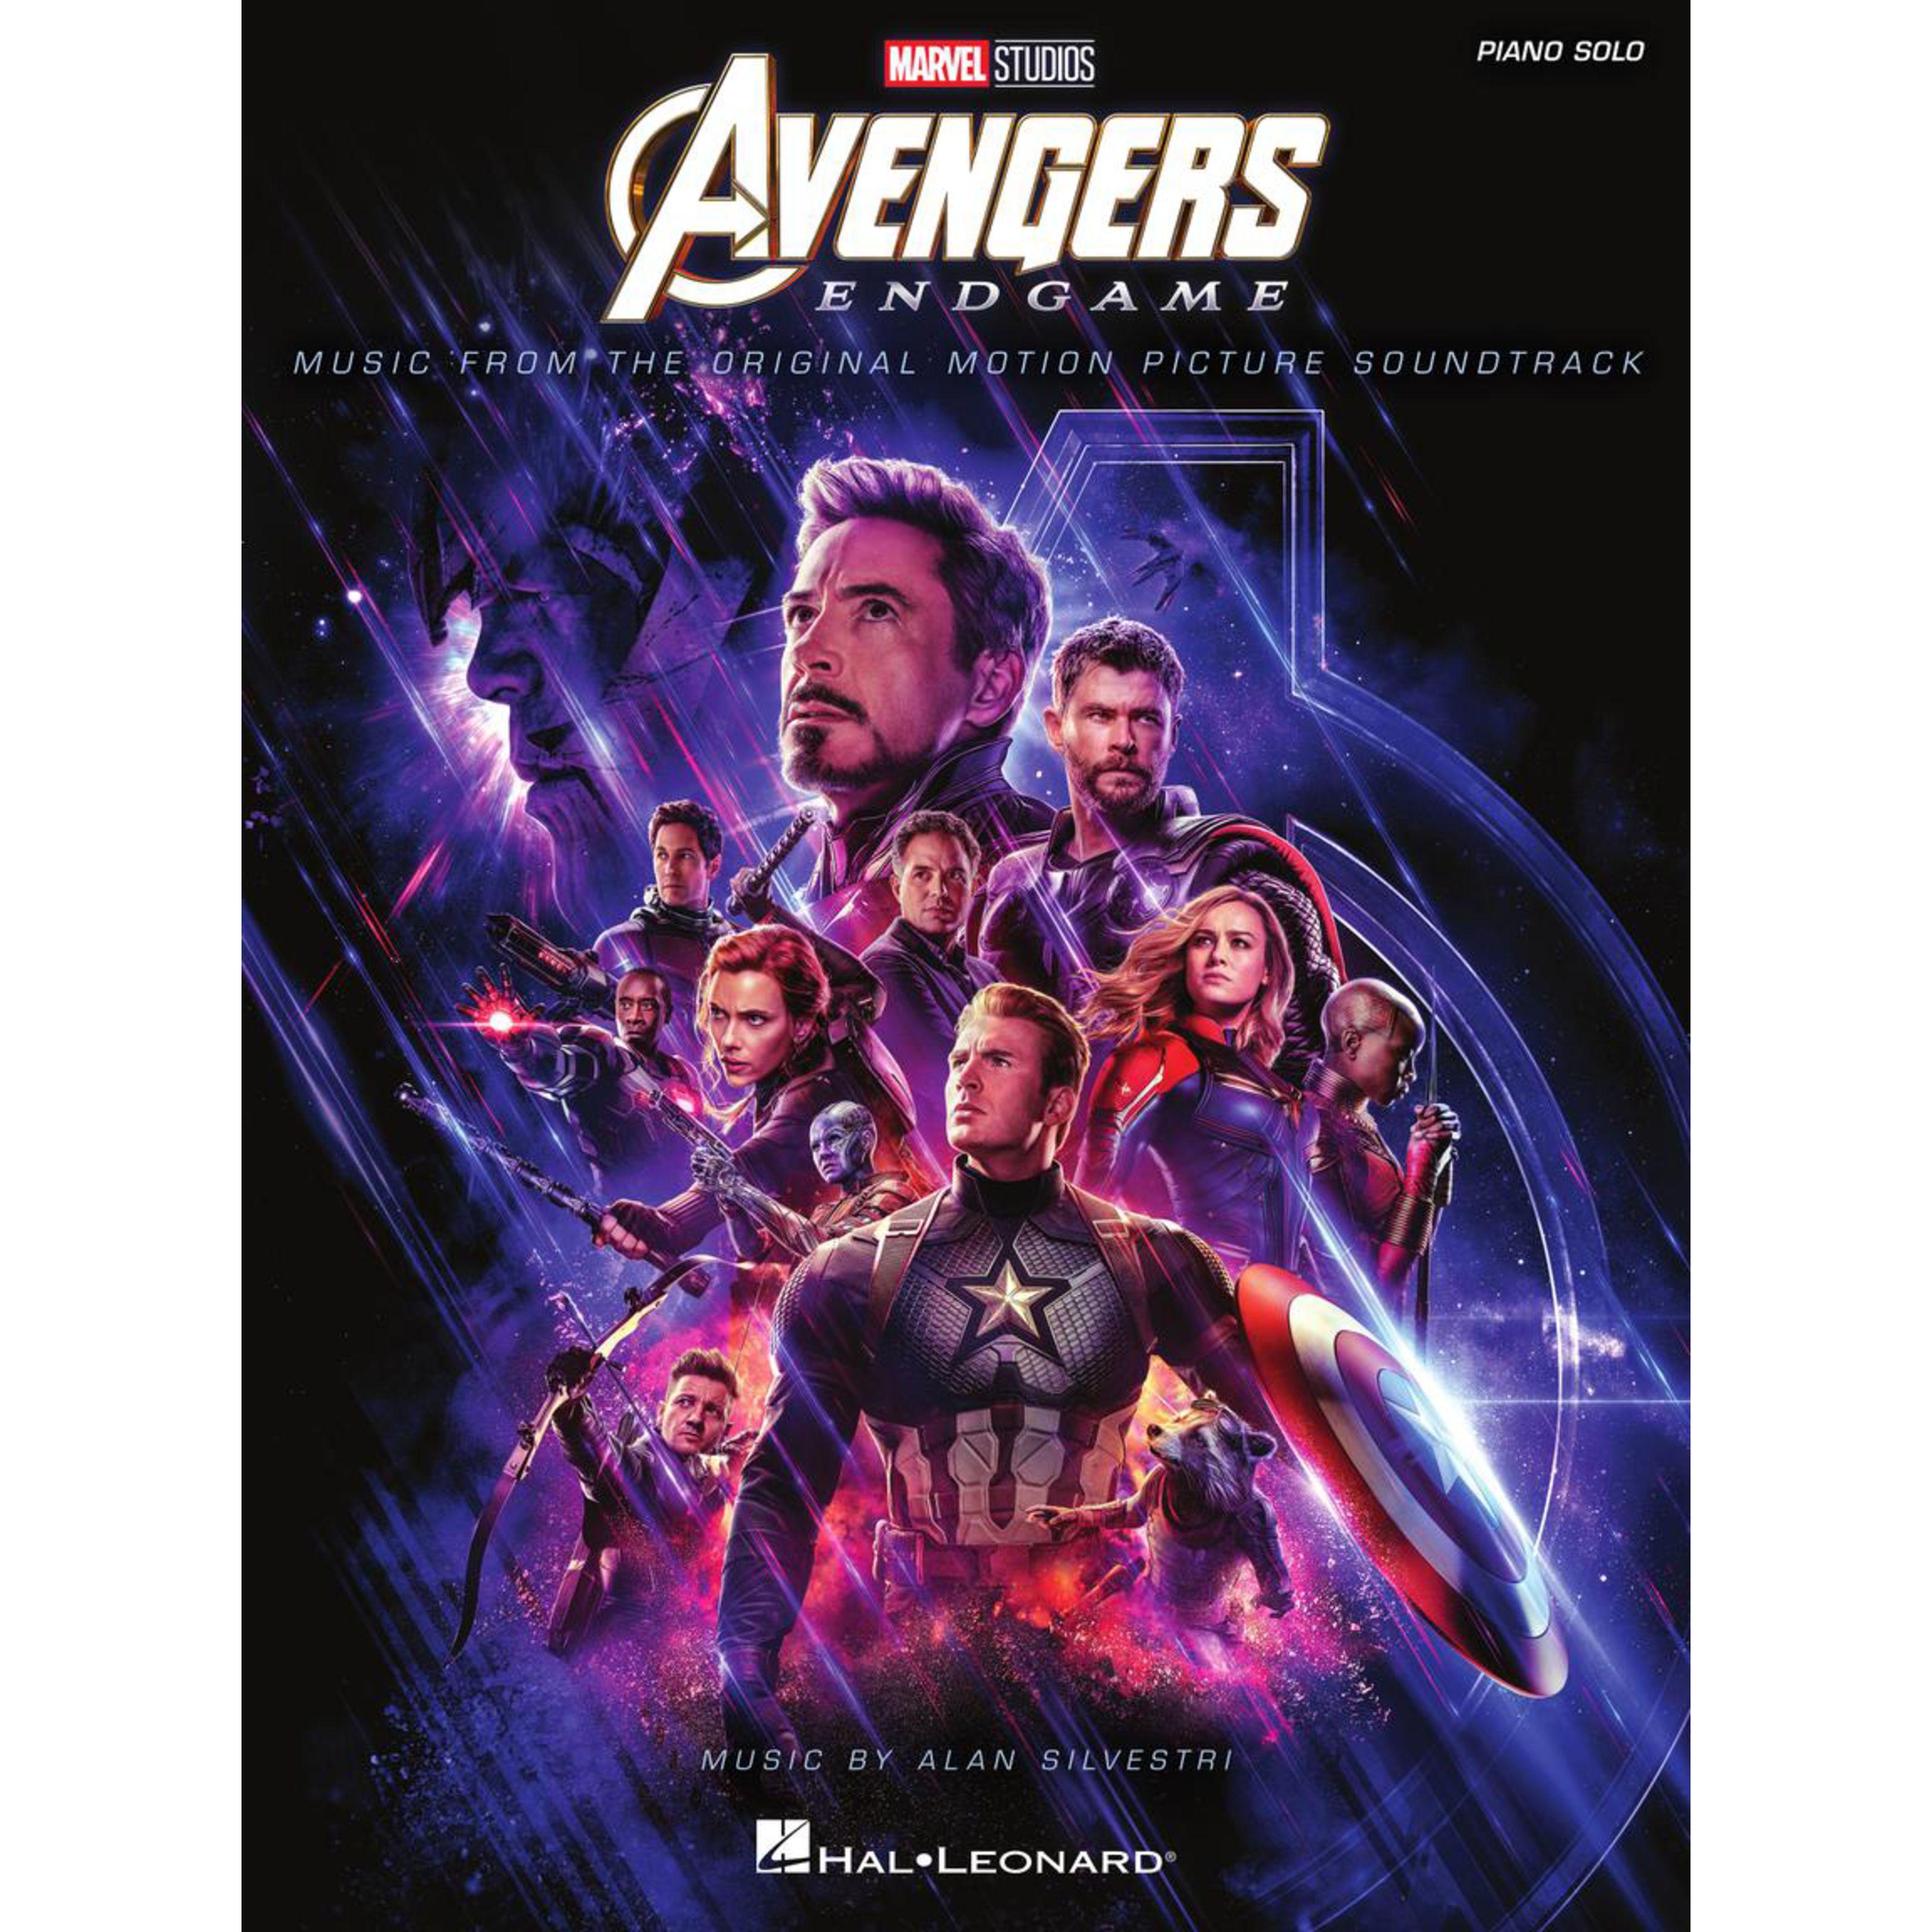 Hal Leonard - Avengers: Endgame